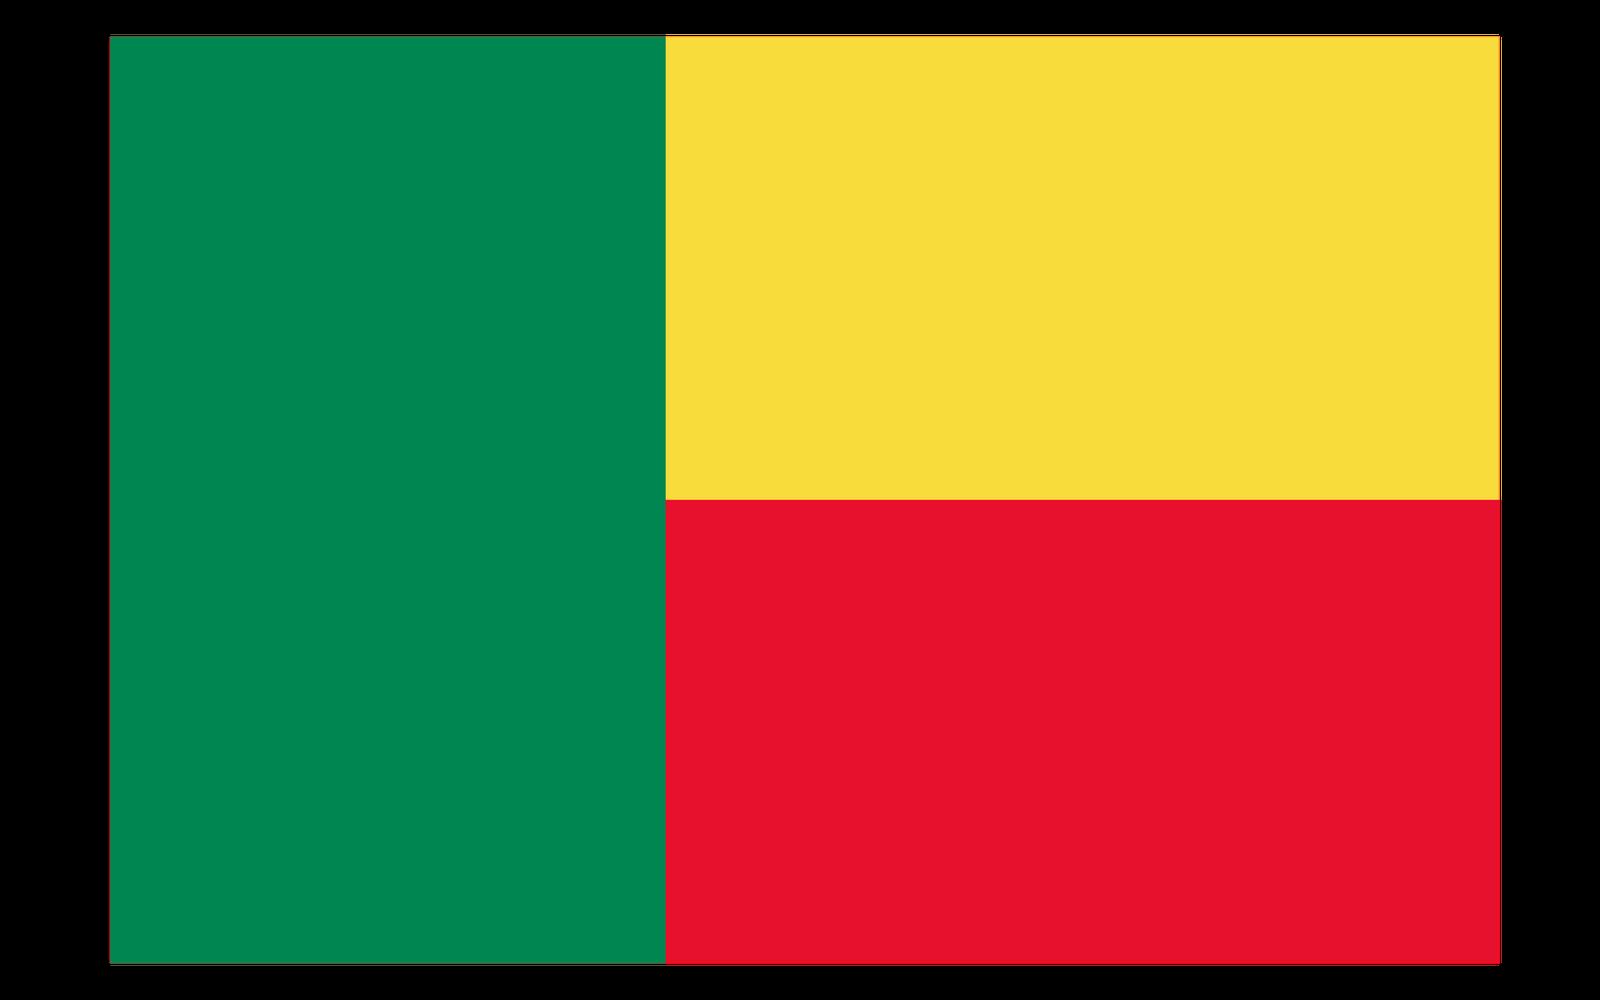 World Flags: Benin Flag hd wallpaper